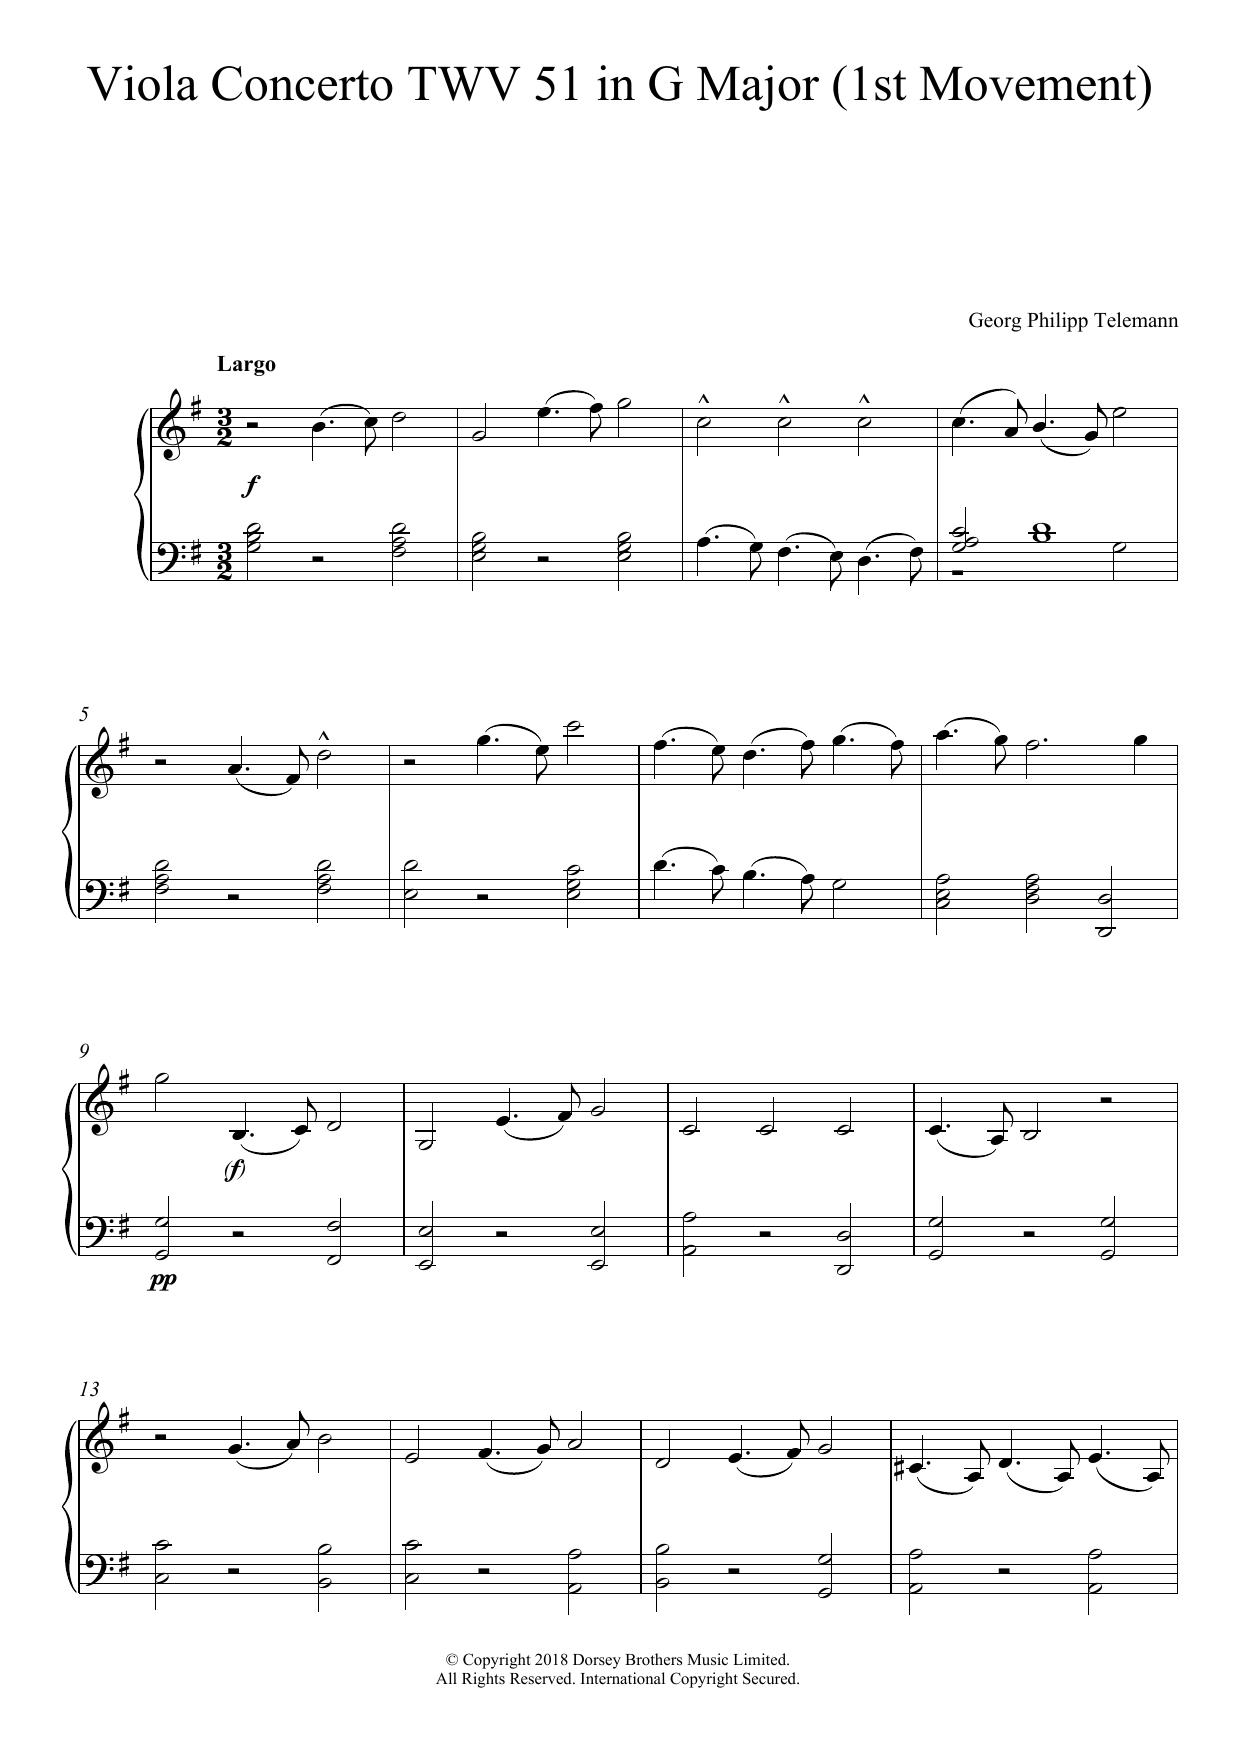 Viola Concerto TWV 51 In G Major Sheet Music